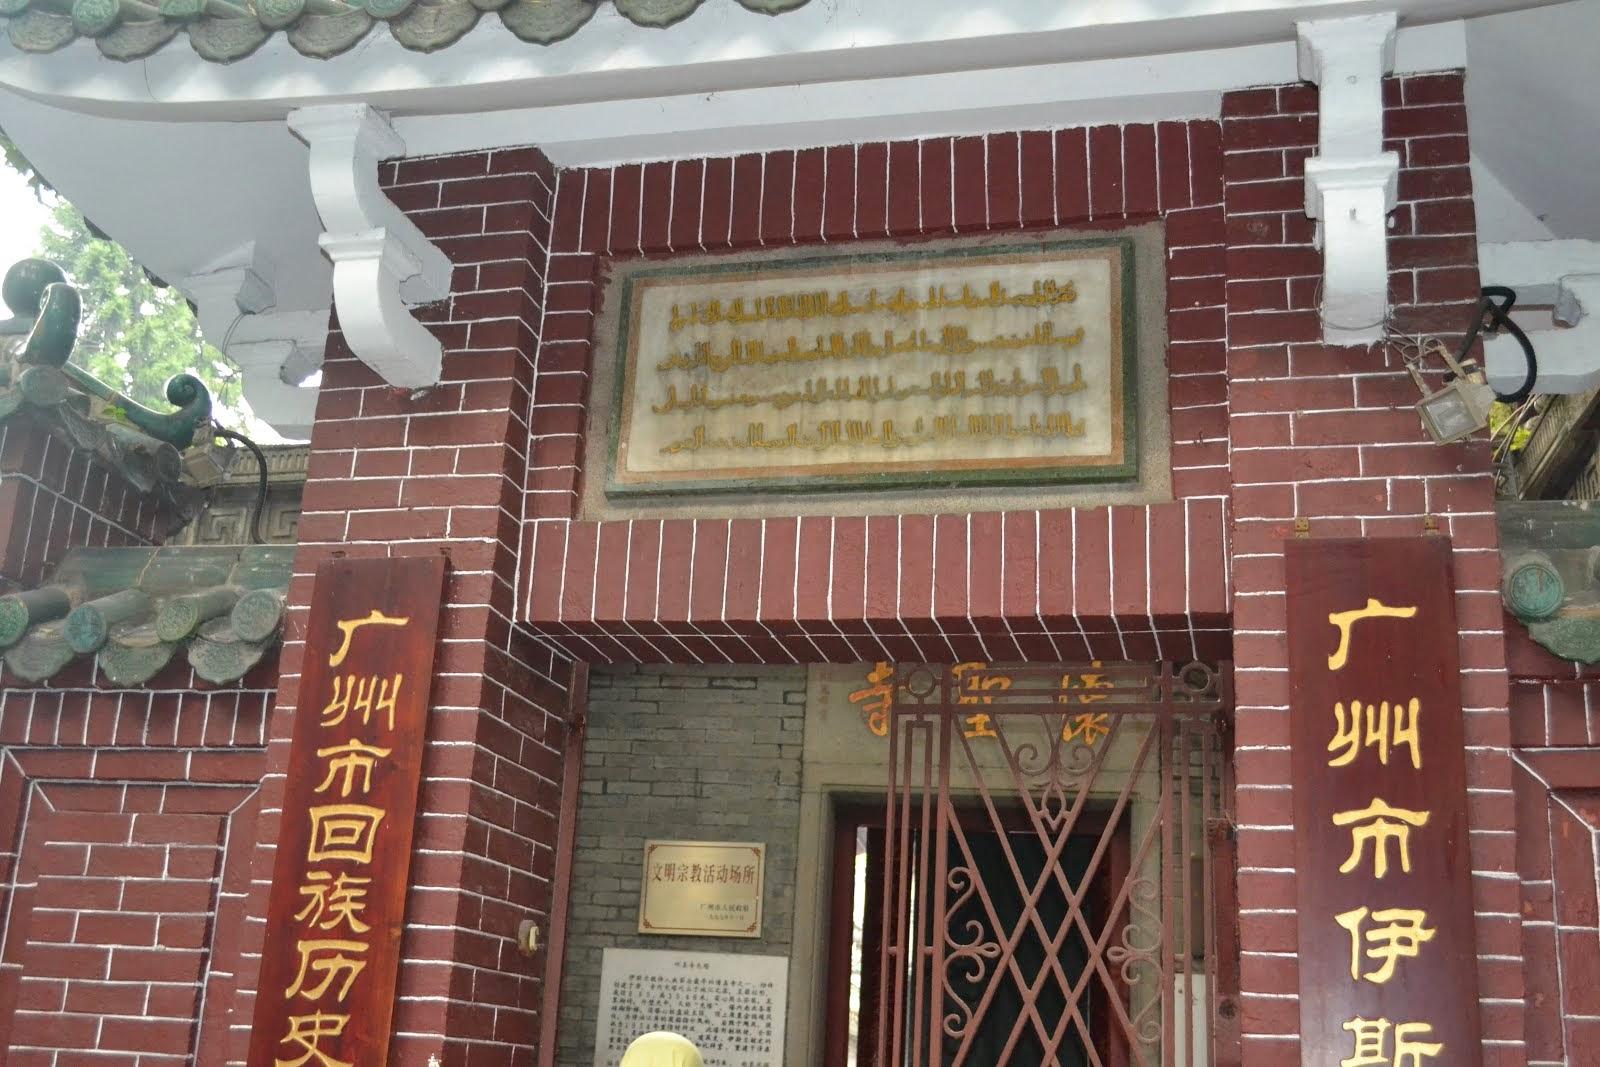 Guangzhou 09-2012